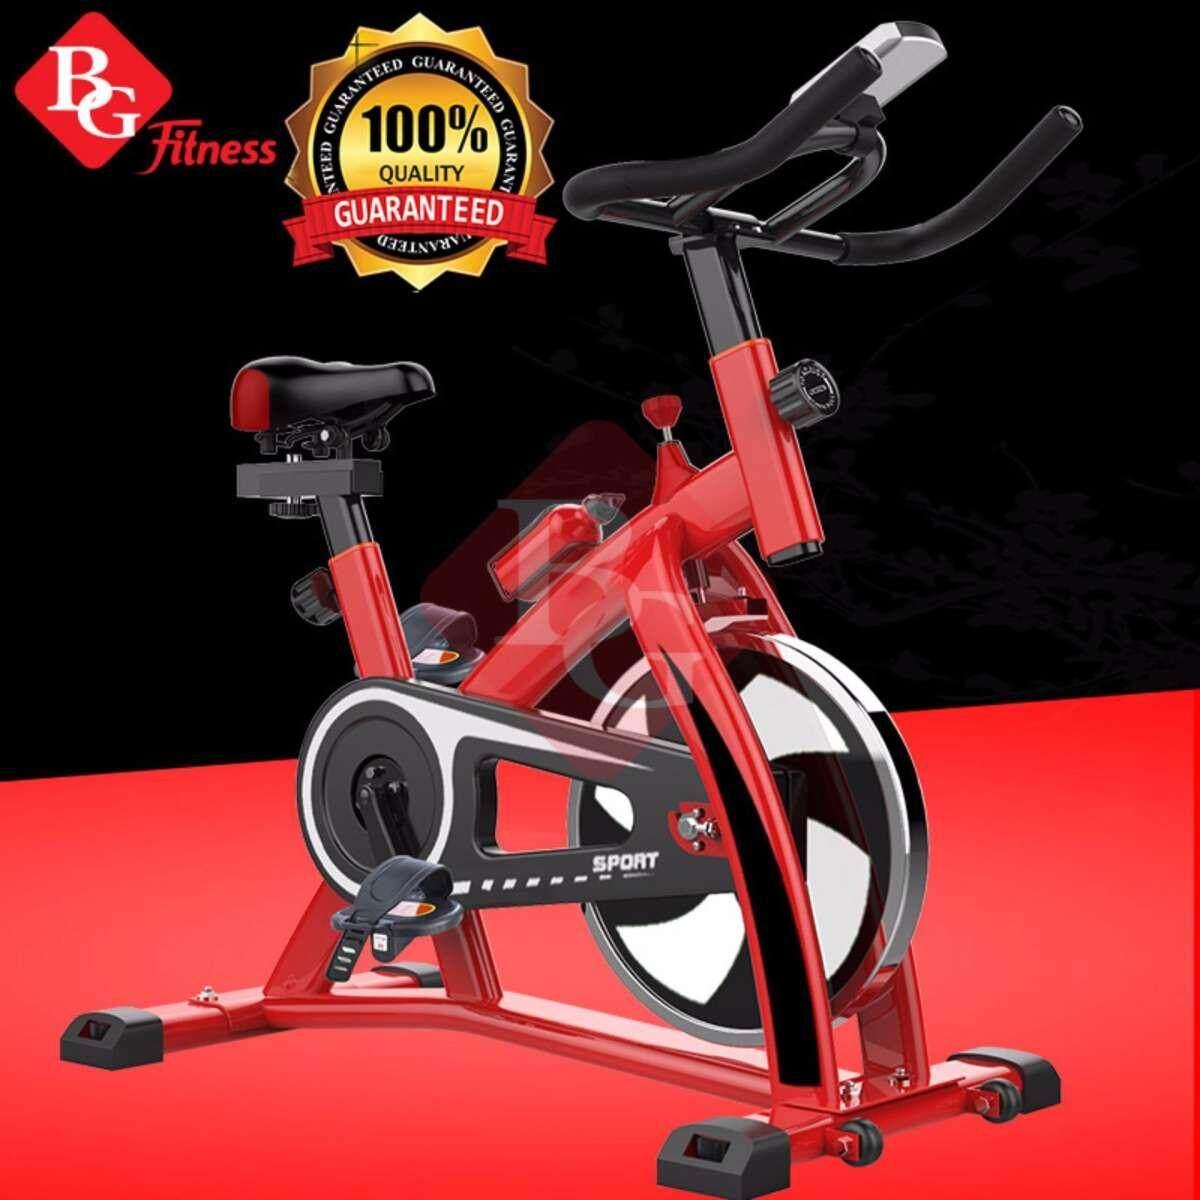 ซ่อม B&G Exercise Bike จักรยานออกกำลังกาย Spin Bike พร้อมหน้าจอ LED แสดงผลการทำงาน รุ่น S300 (Red)